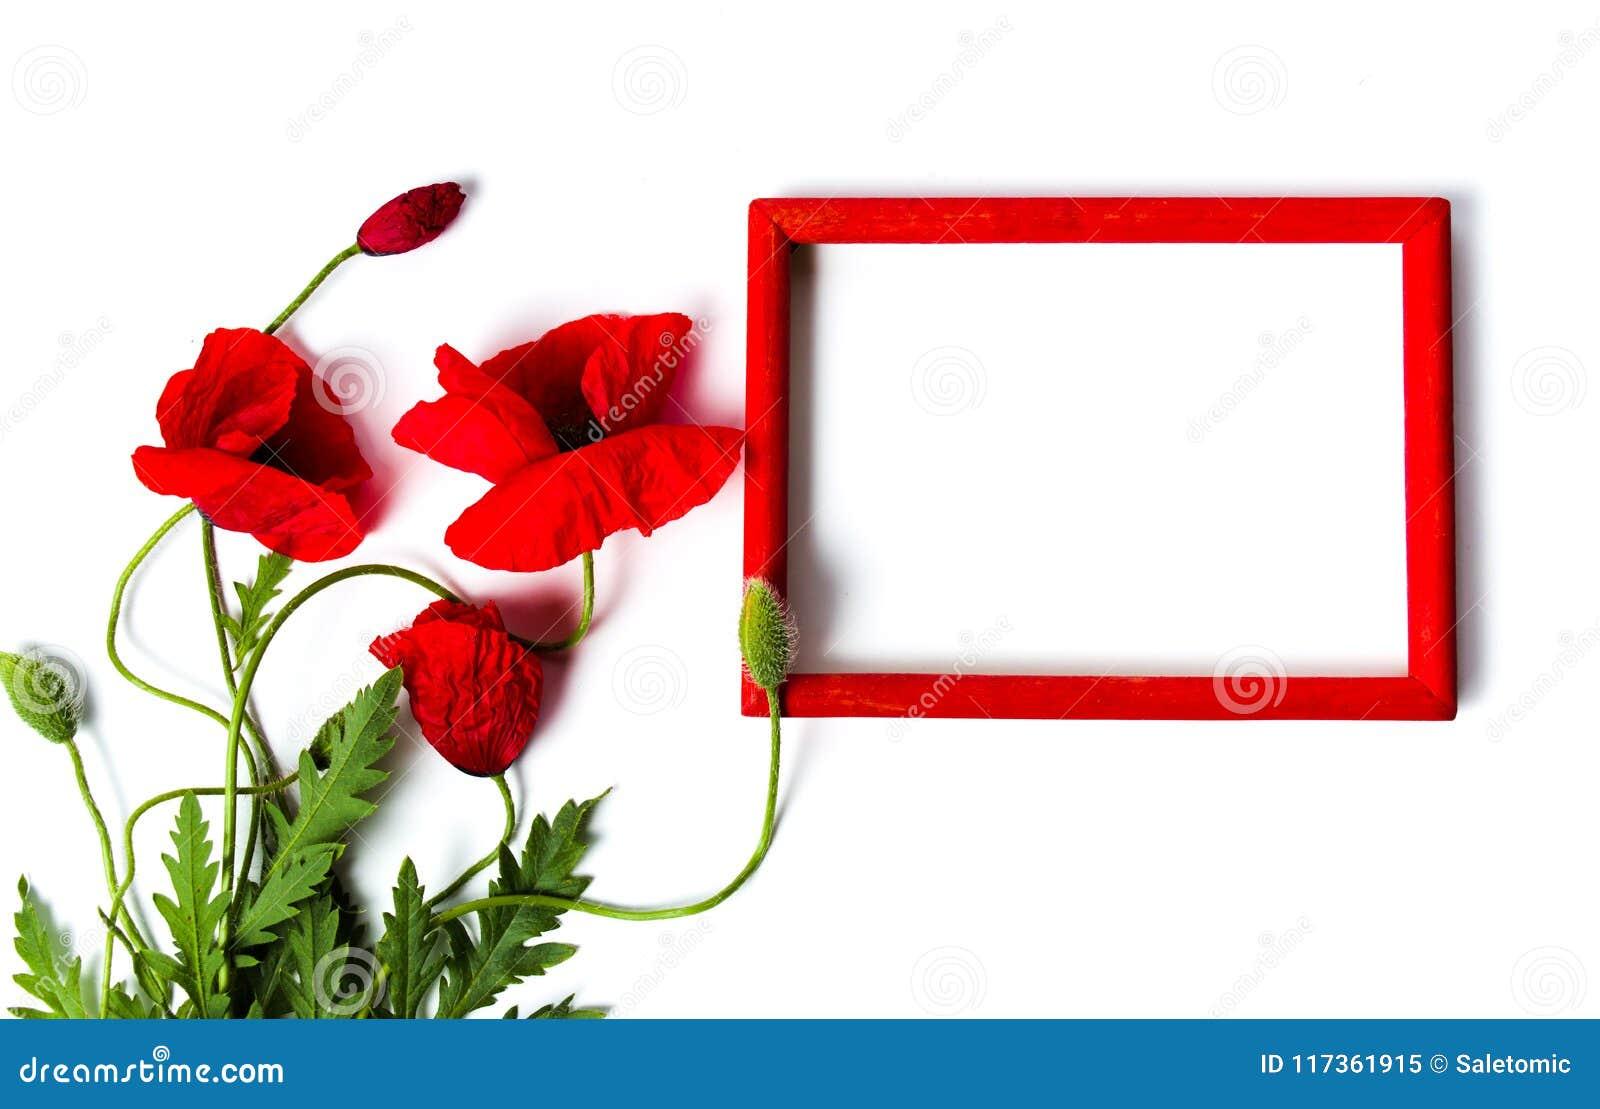 Flores De La Amapola Y Marco De Madera Rojo En Blanco Imagen de ...